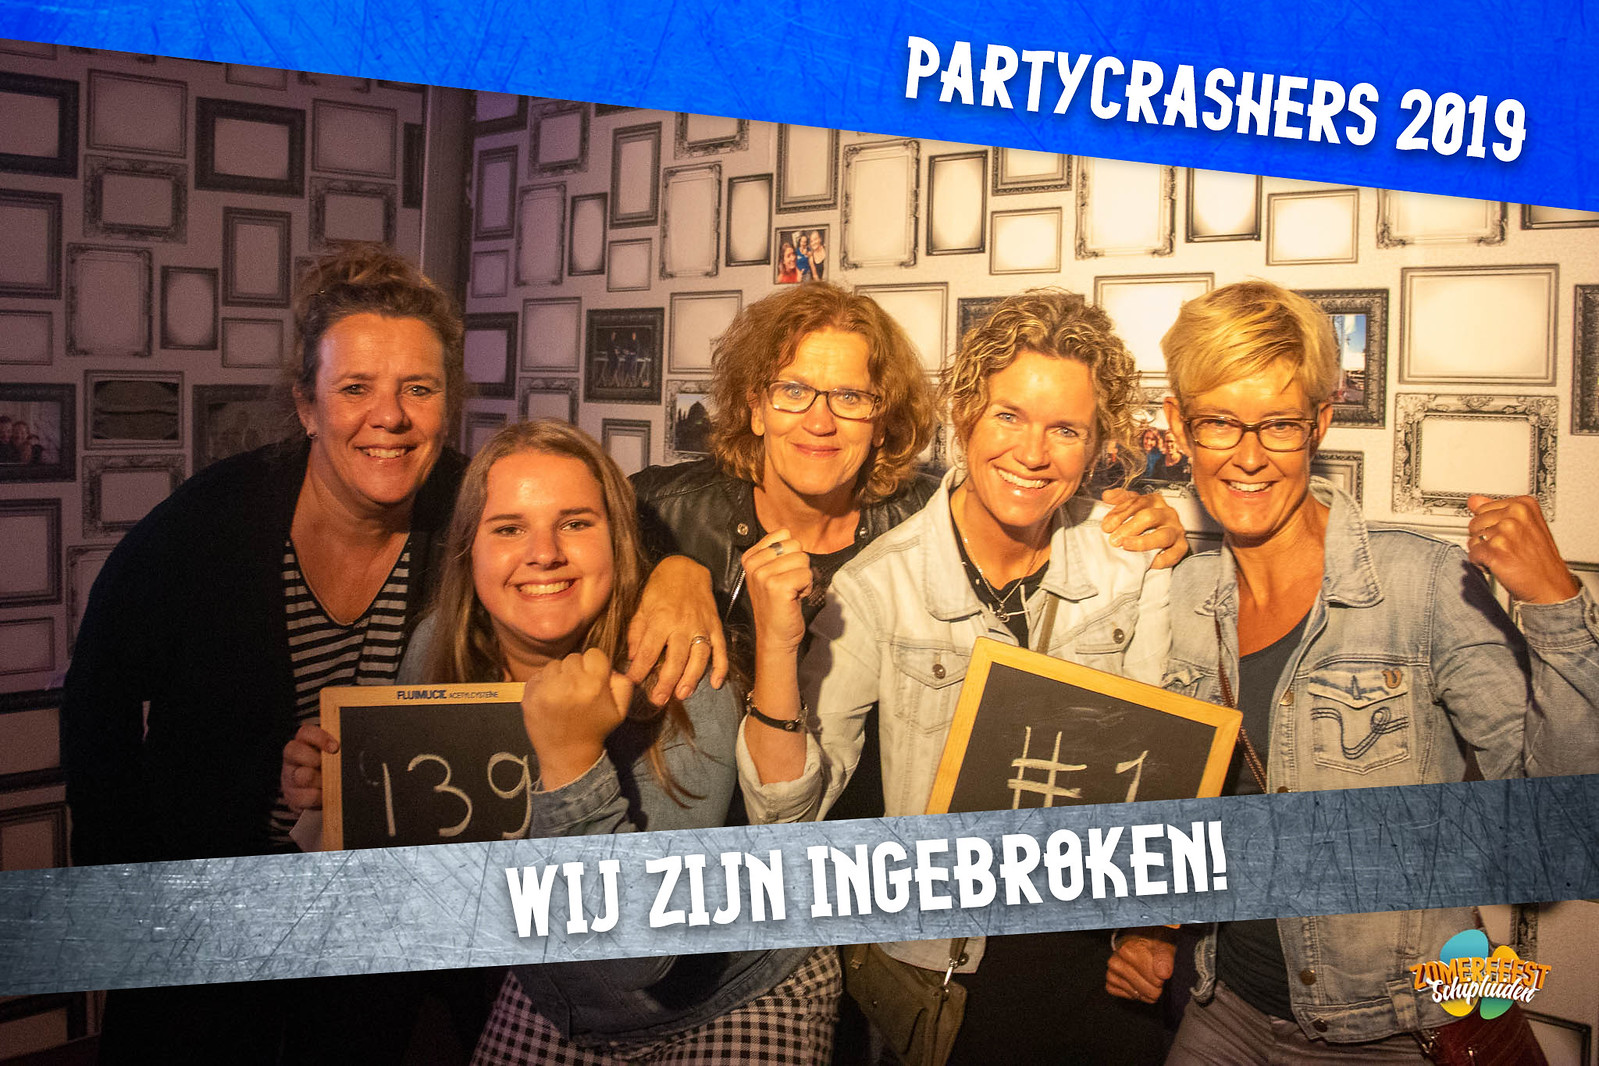 partycrashers-33_0009_Blauw copy